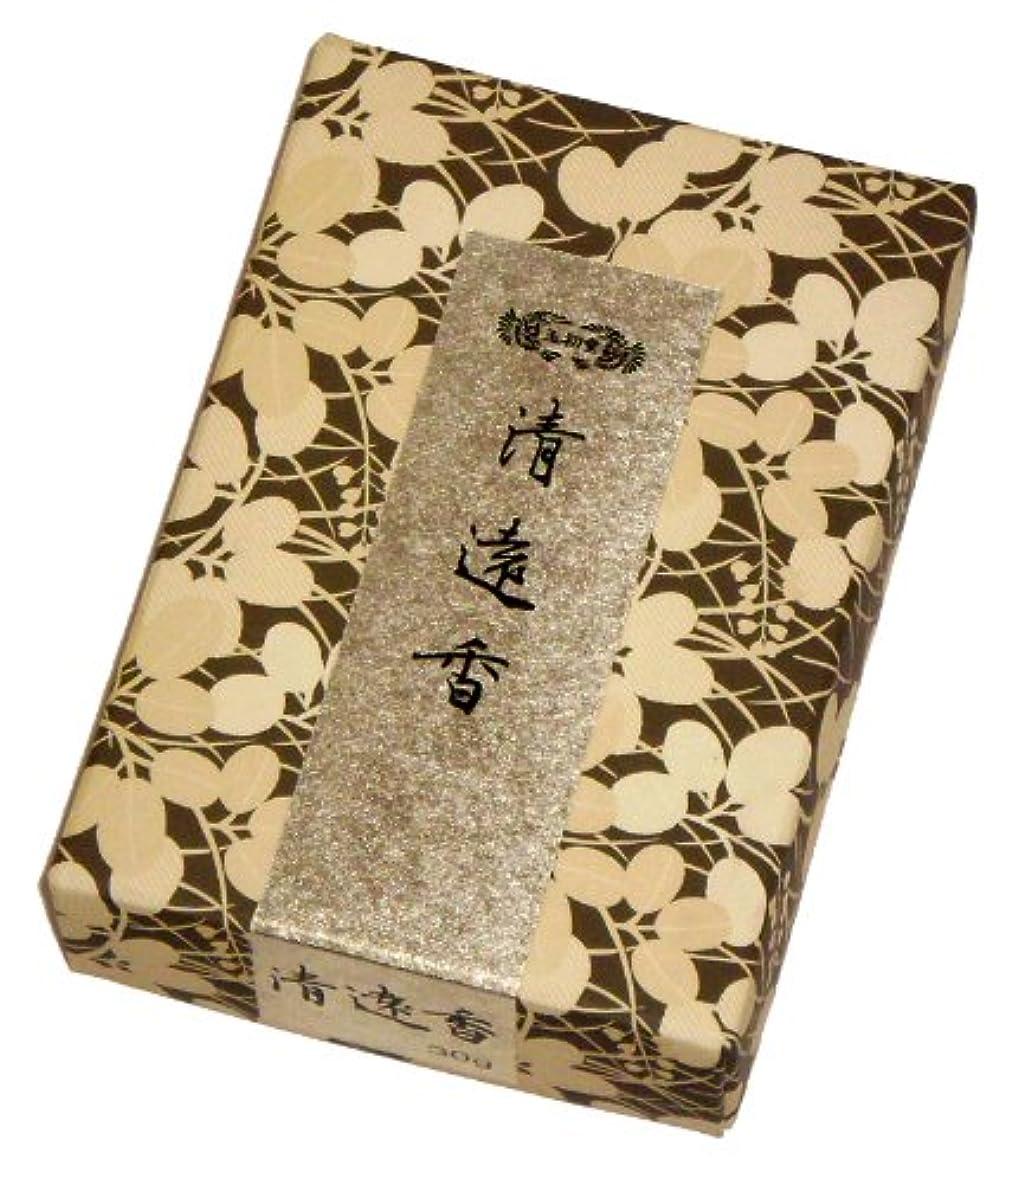 空港祝福するキャラクター玉初堂のお香 清遠香 30g #605